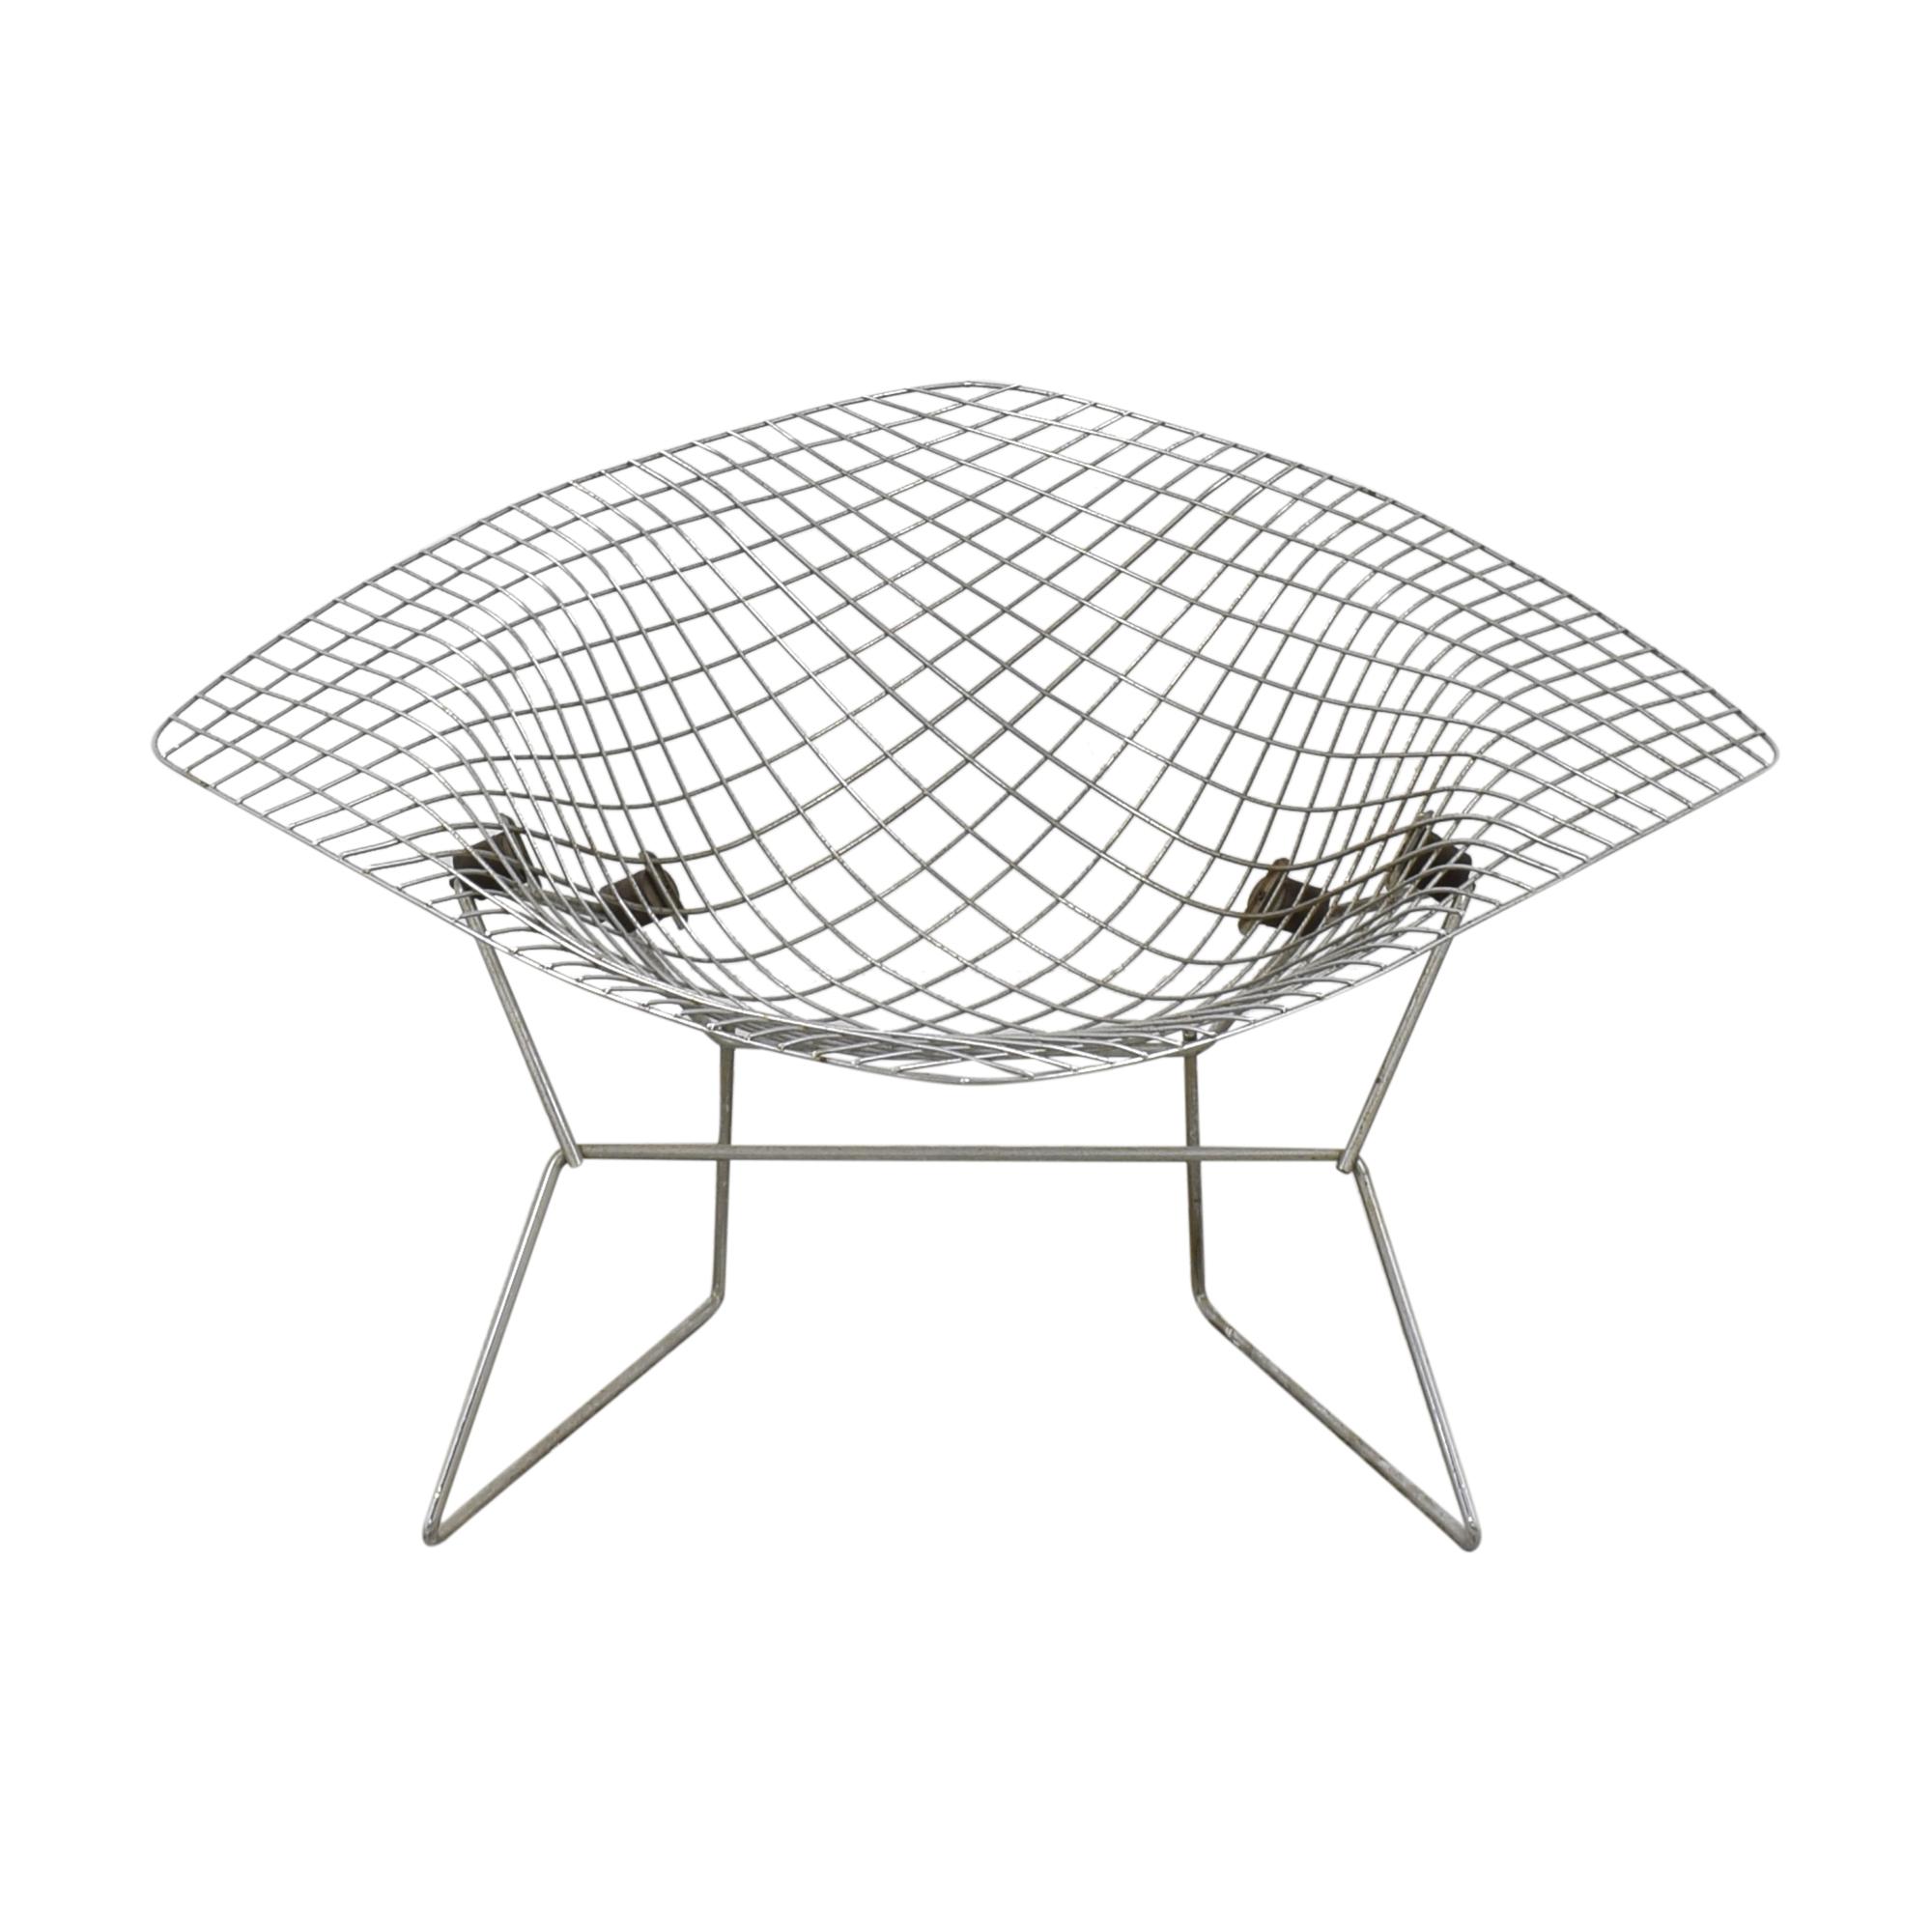 Knoll Knoll Bertoia Diamond Chair for sale